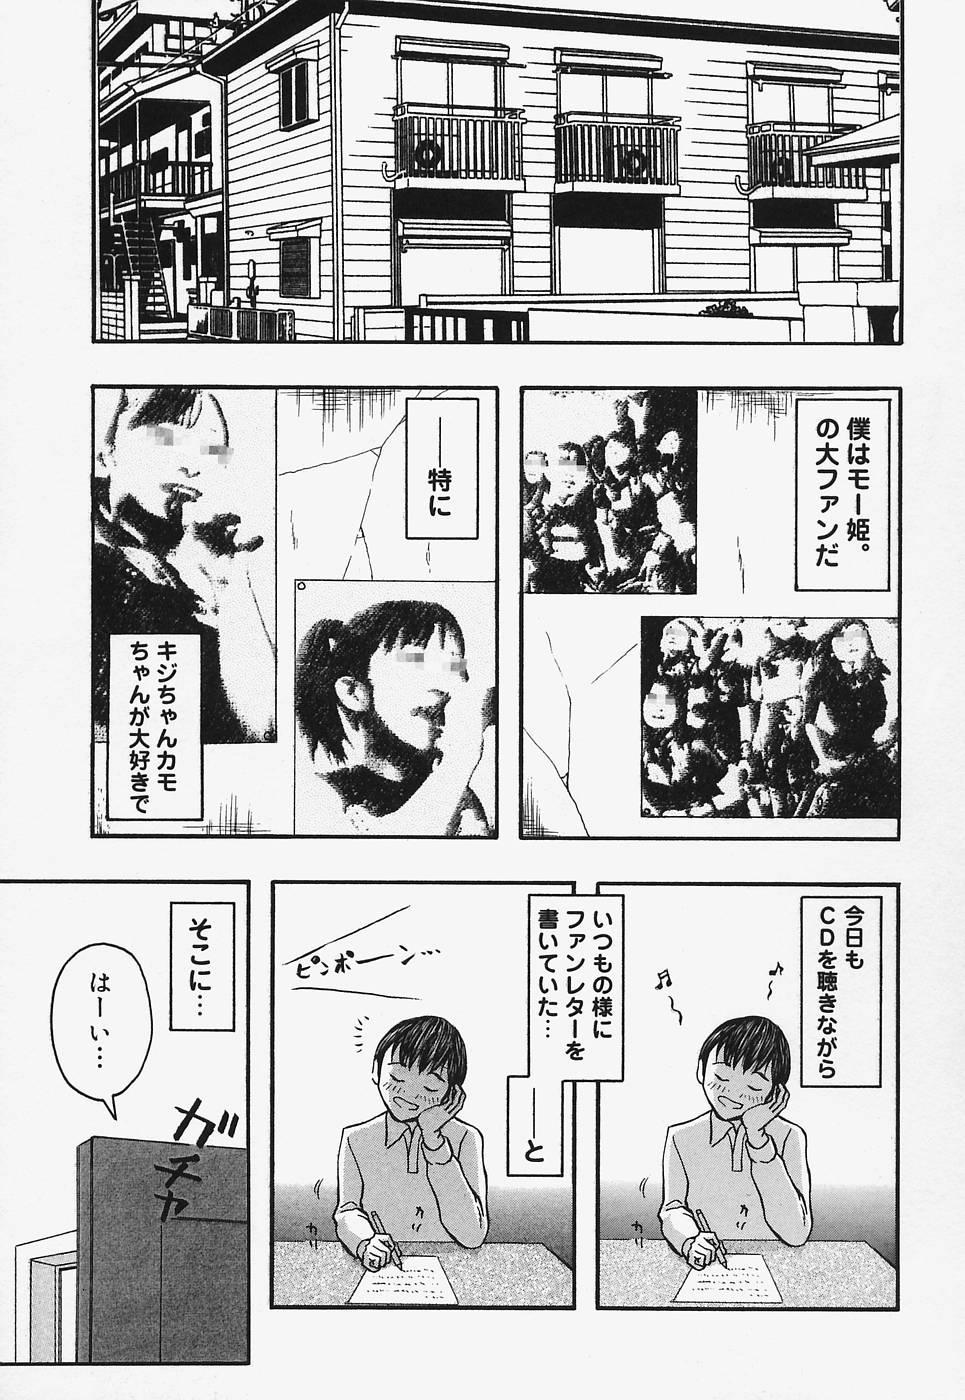 Nurunuru Syoujyo Jiru 146